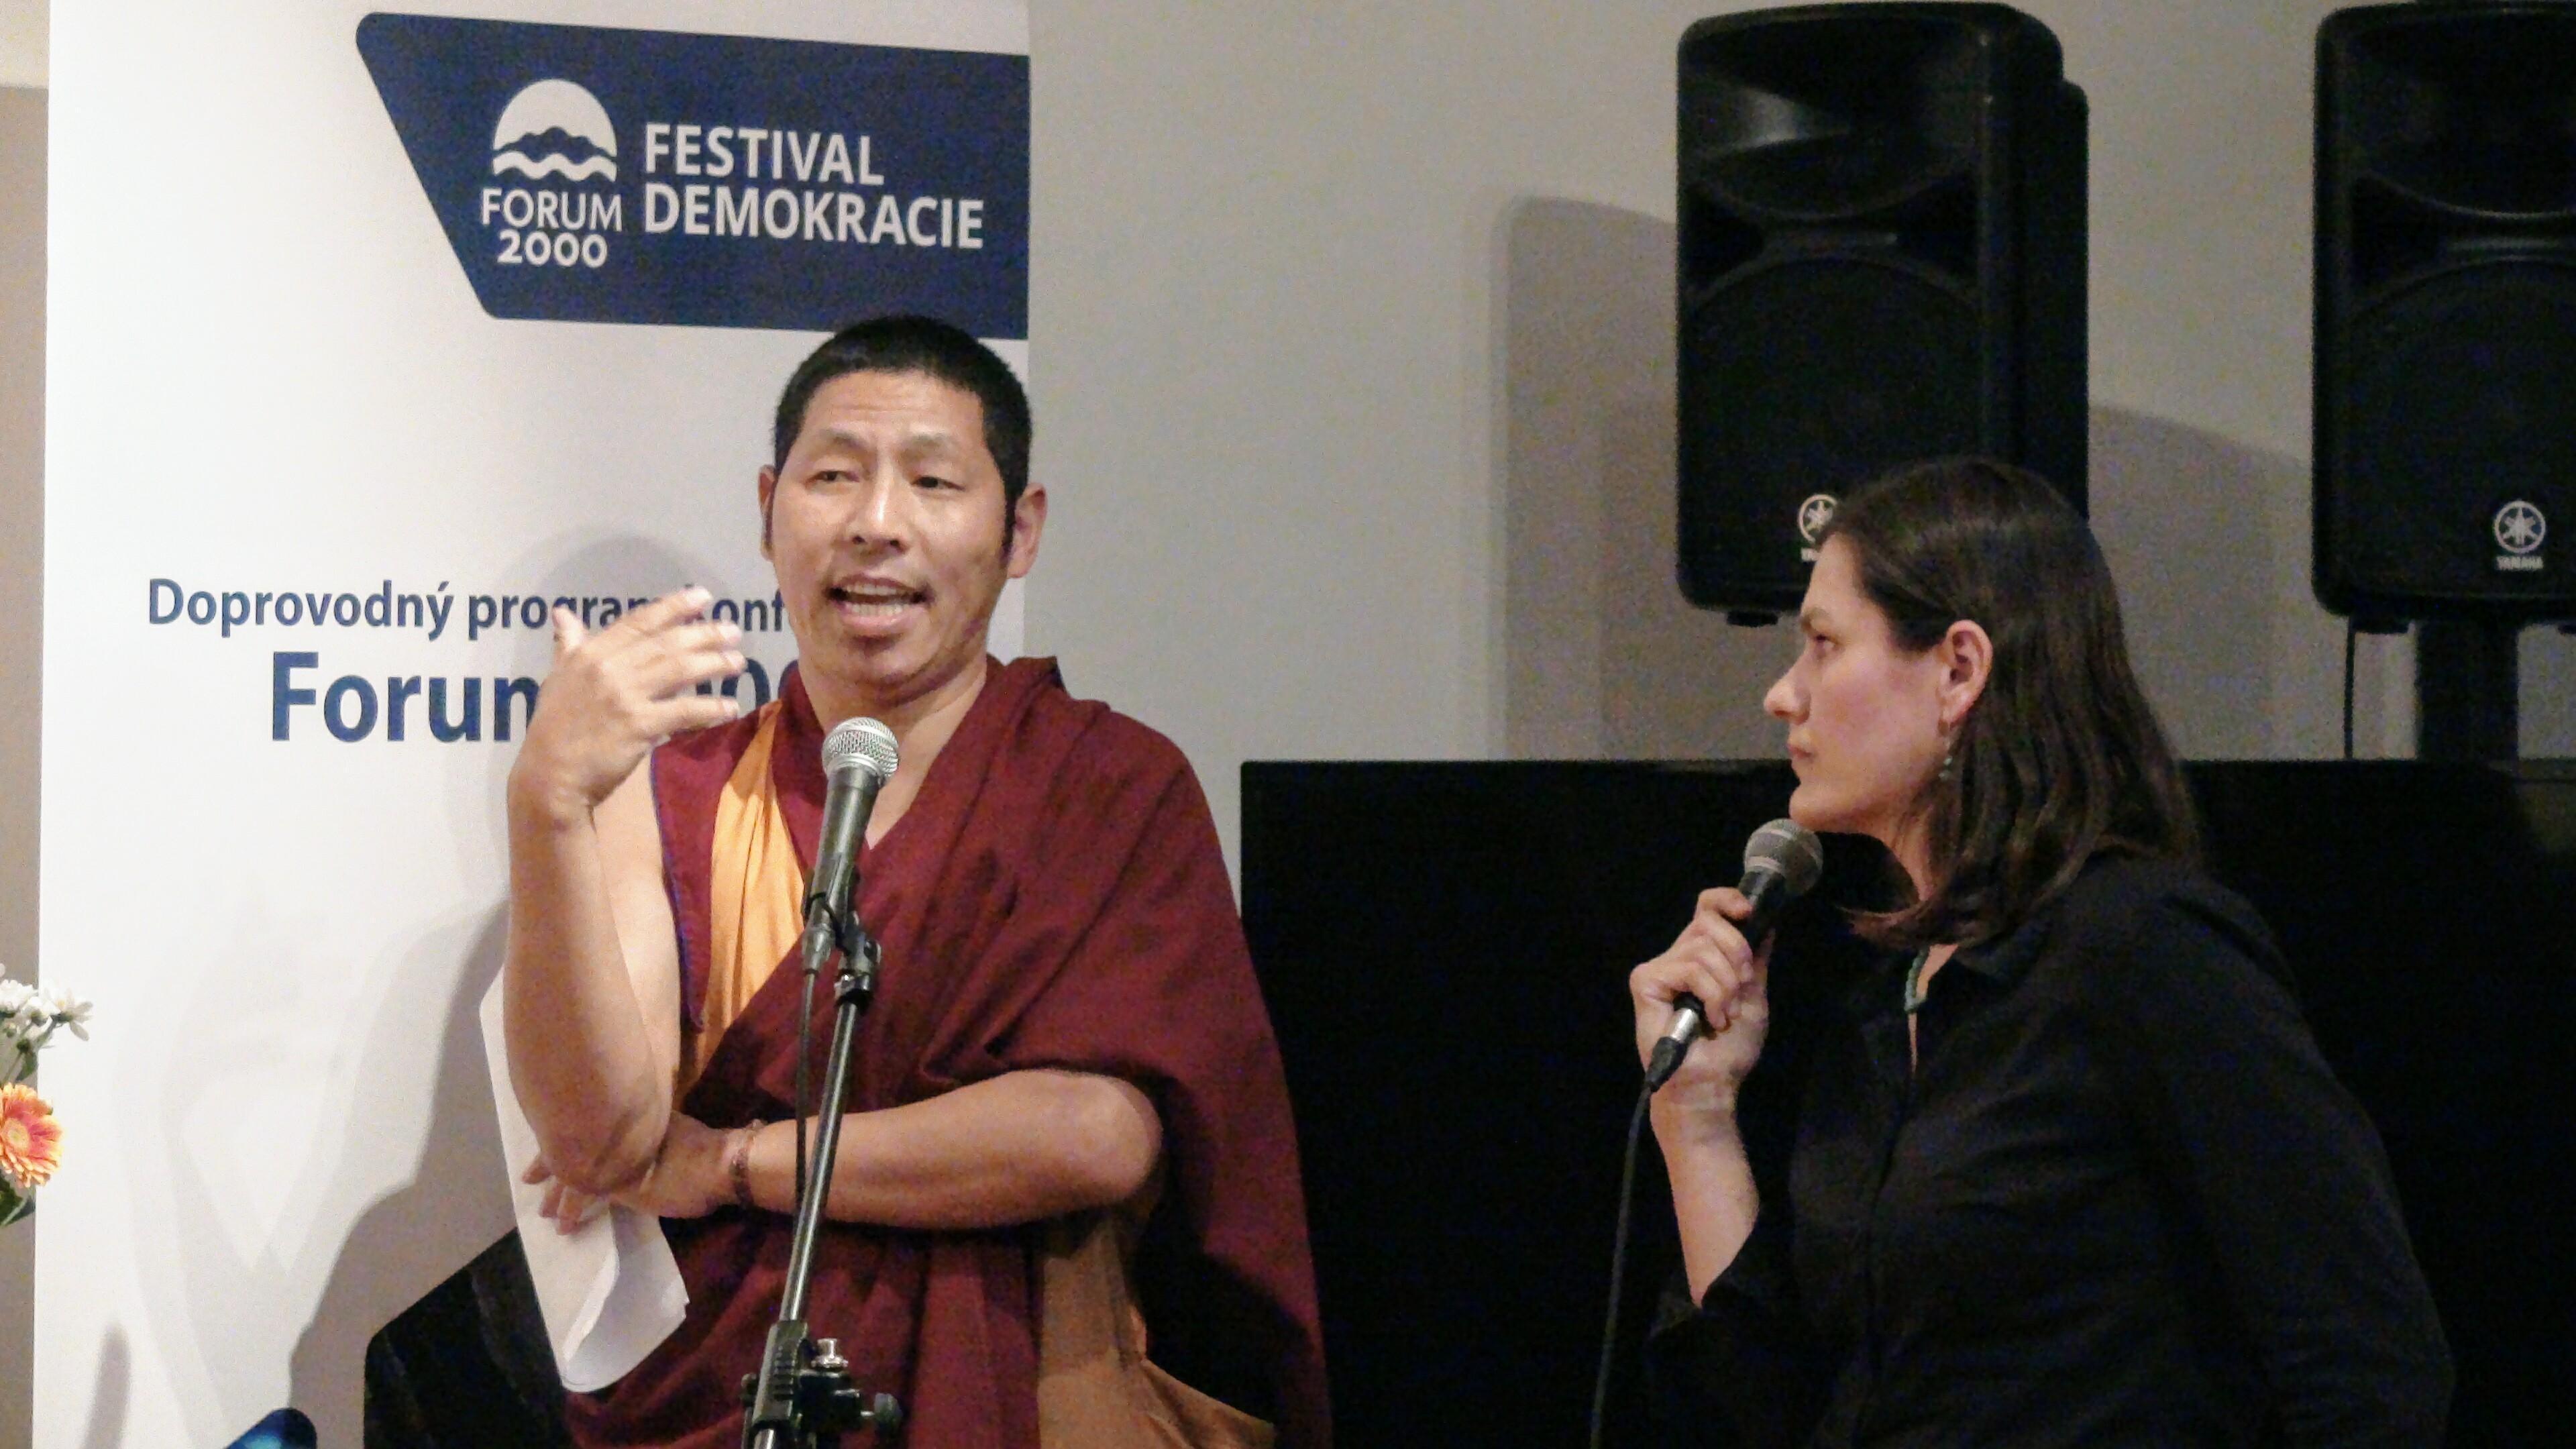 Festival Demokracie – Doprovodný program konference Forum 2000. Foto: Tibet Open House